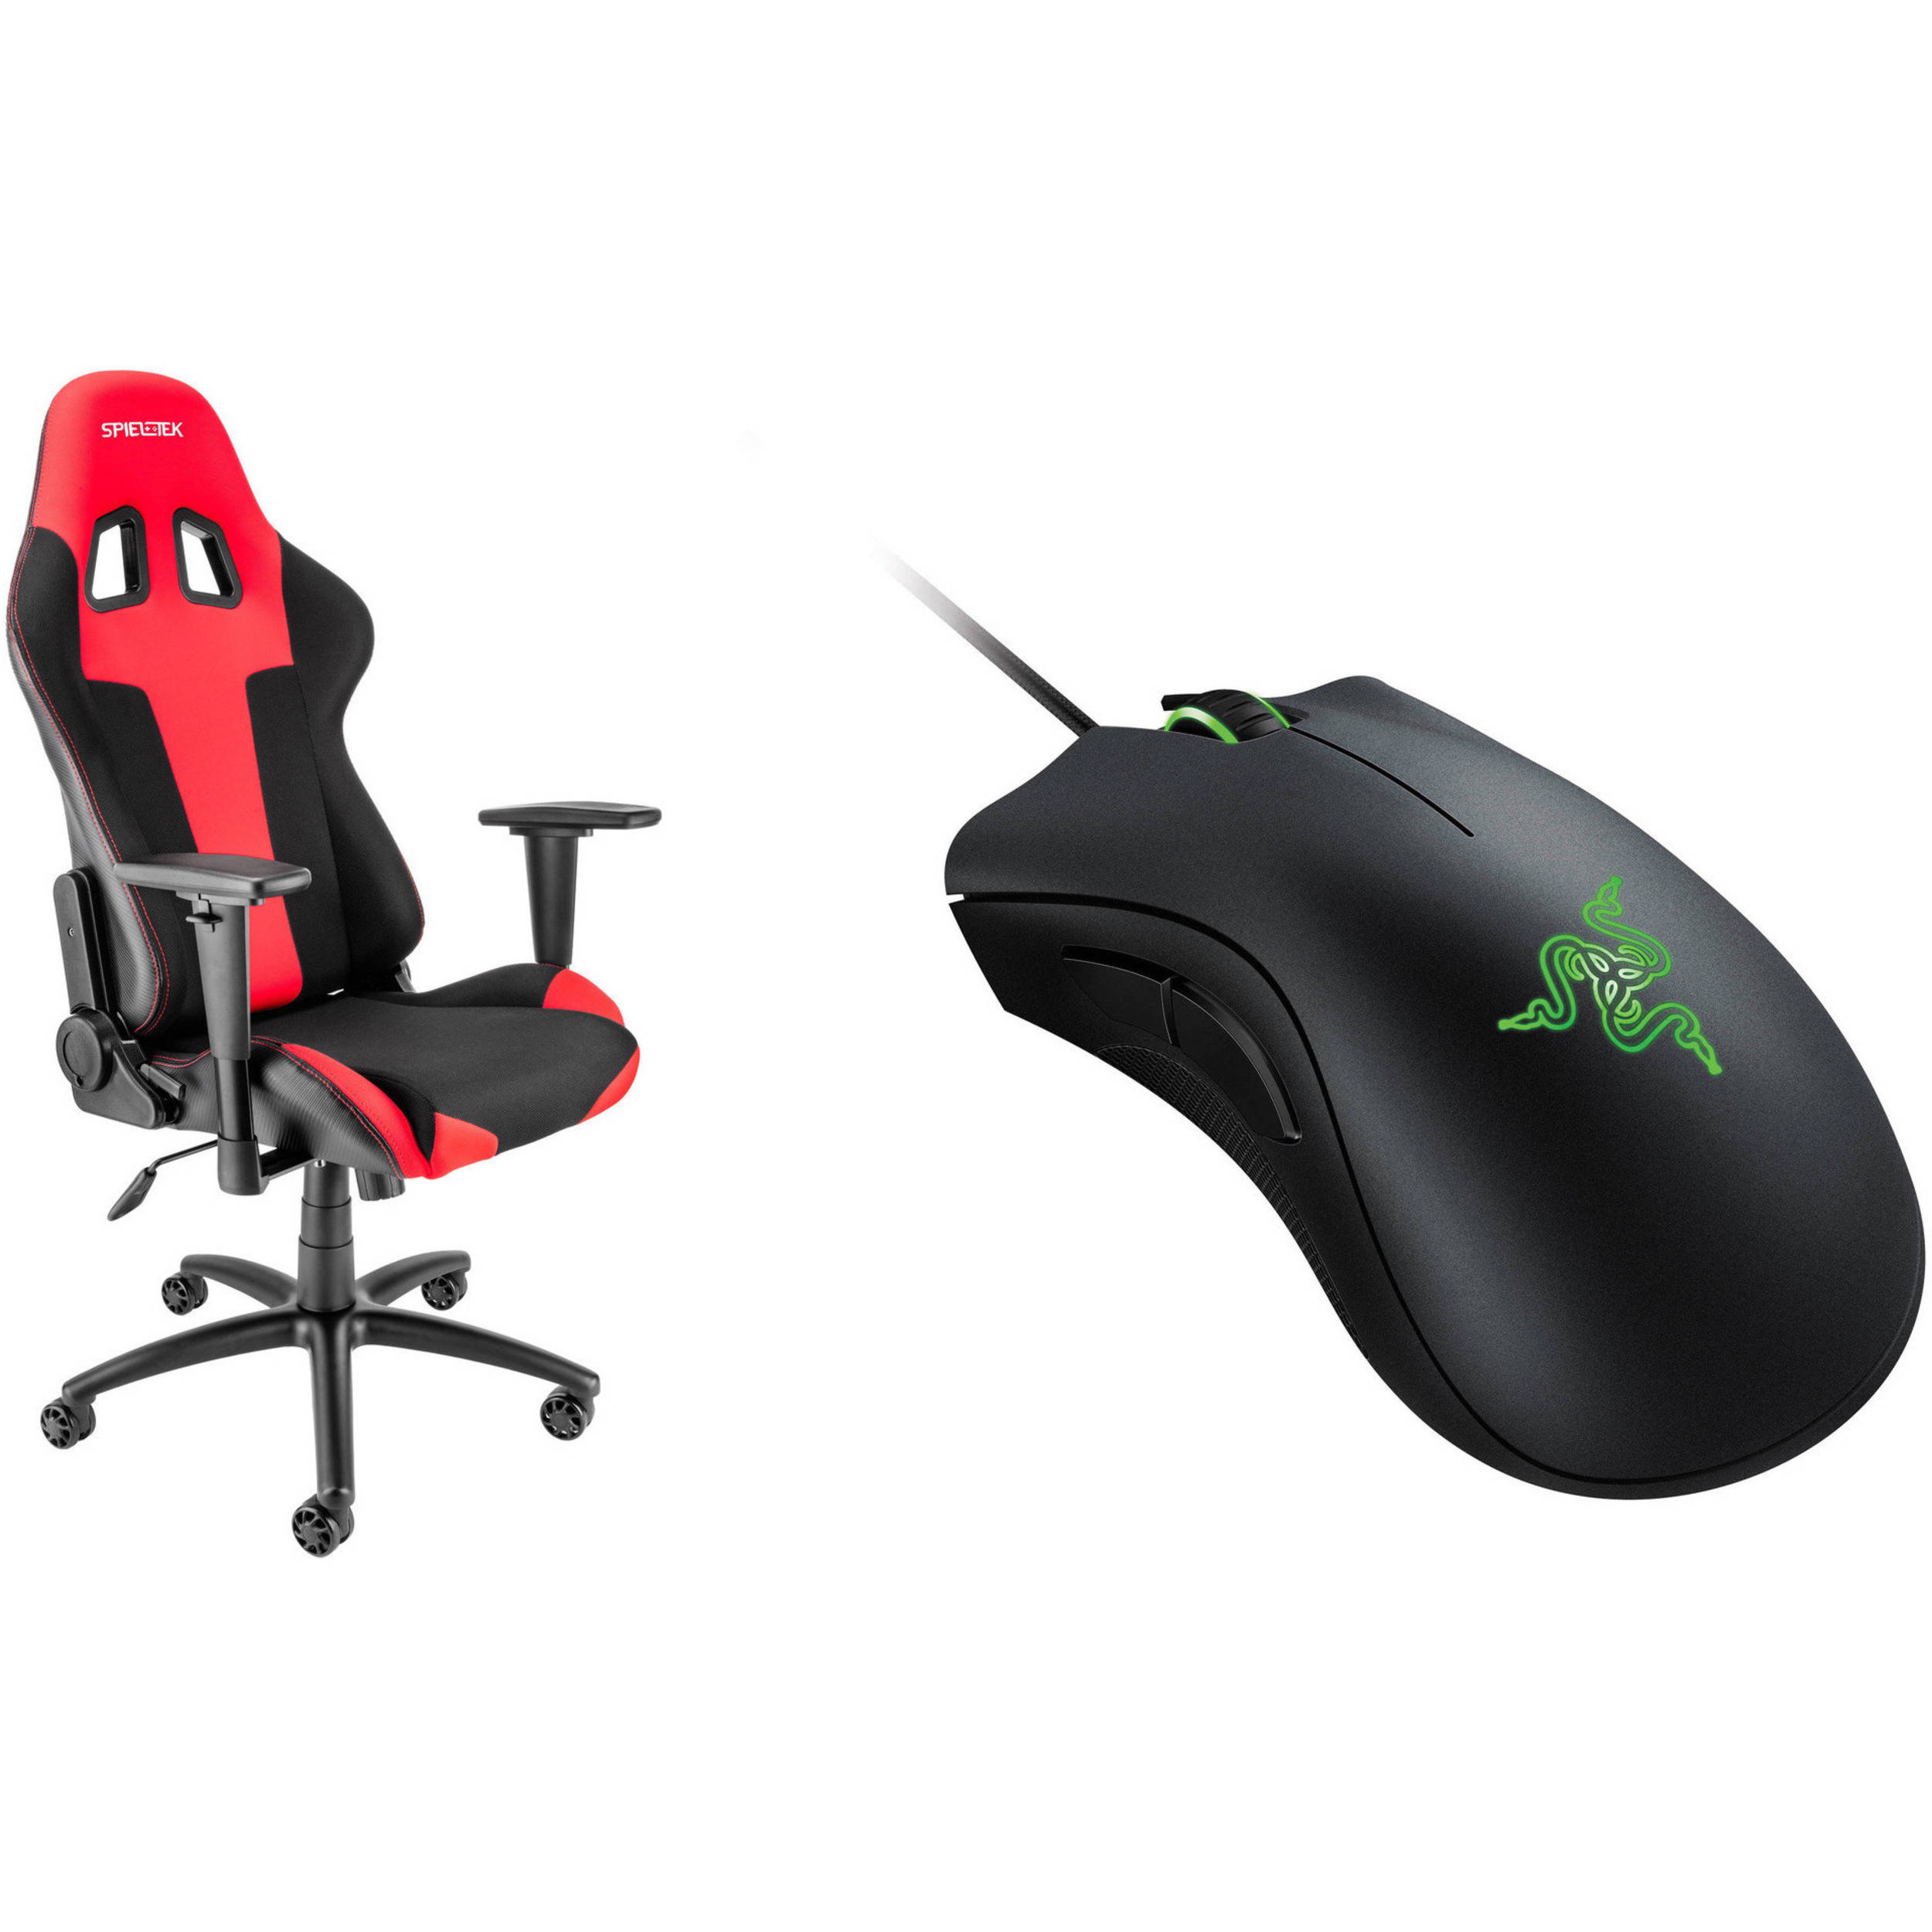 Astonishing Spieltek Berserker Gaming Chair Razer Deathadder Gaming Mouse Kit Black Pdpeps Interior Chair Design Pdpepsorg